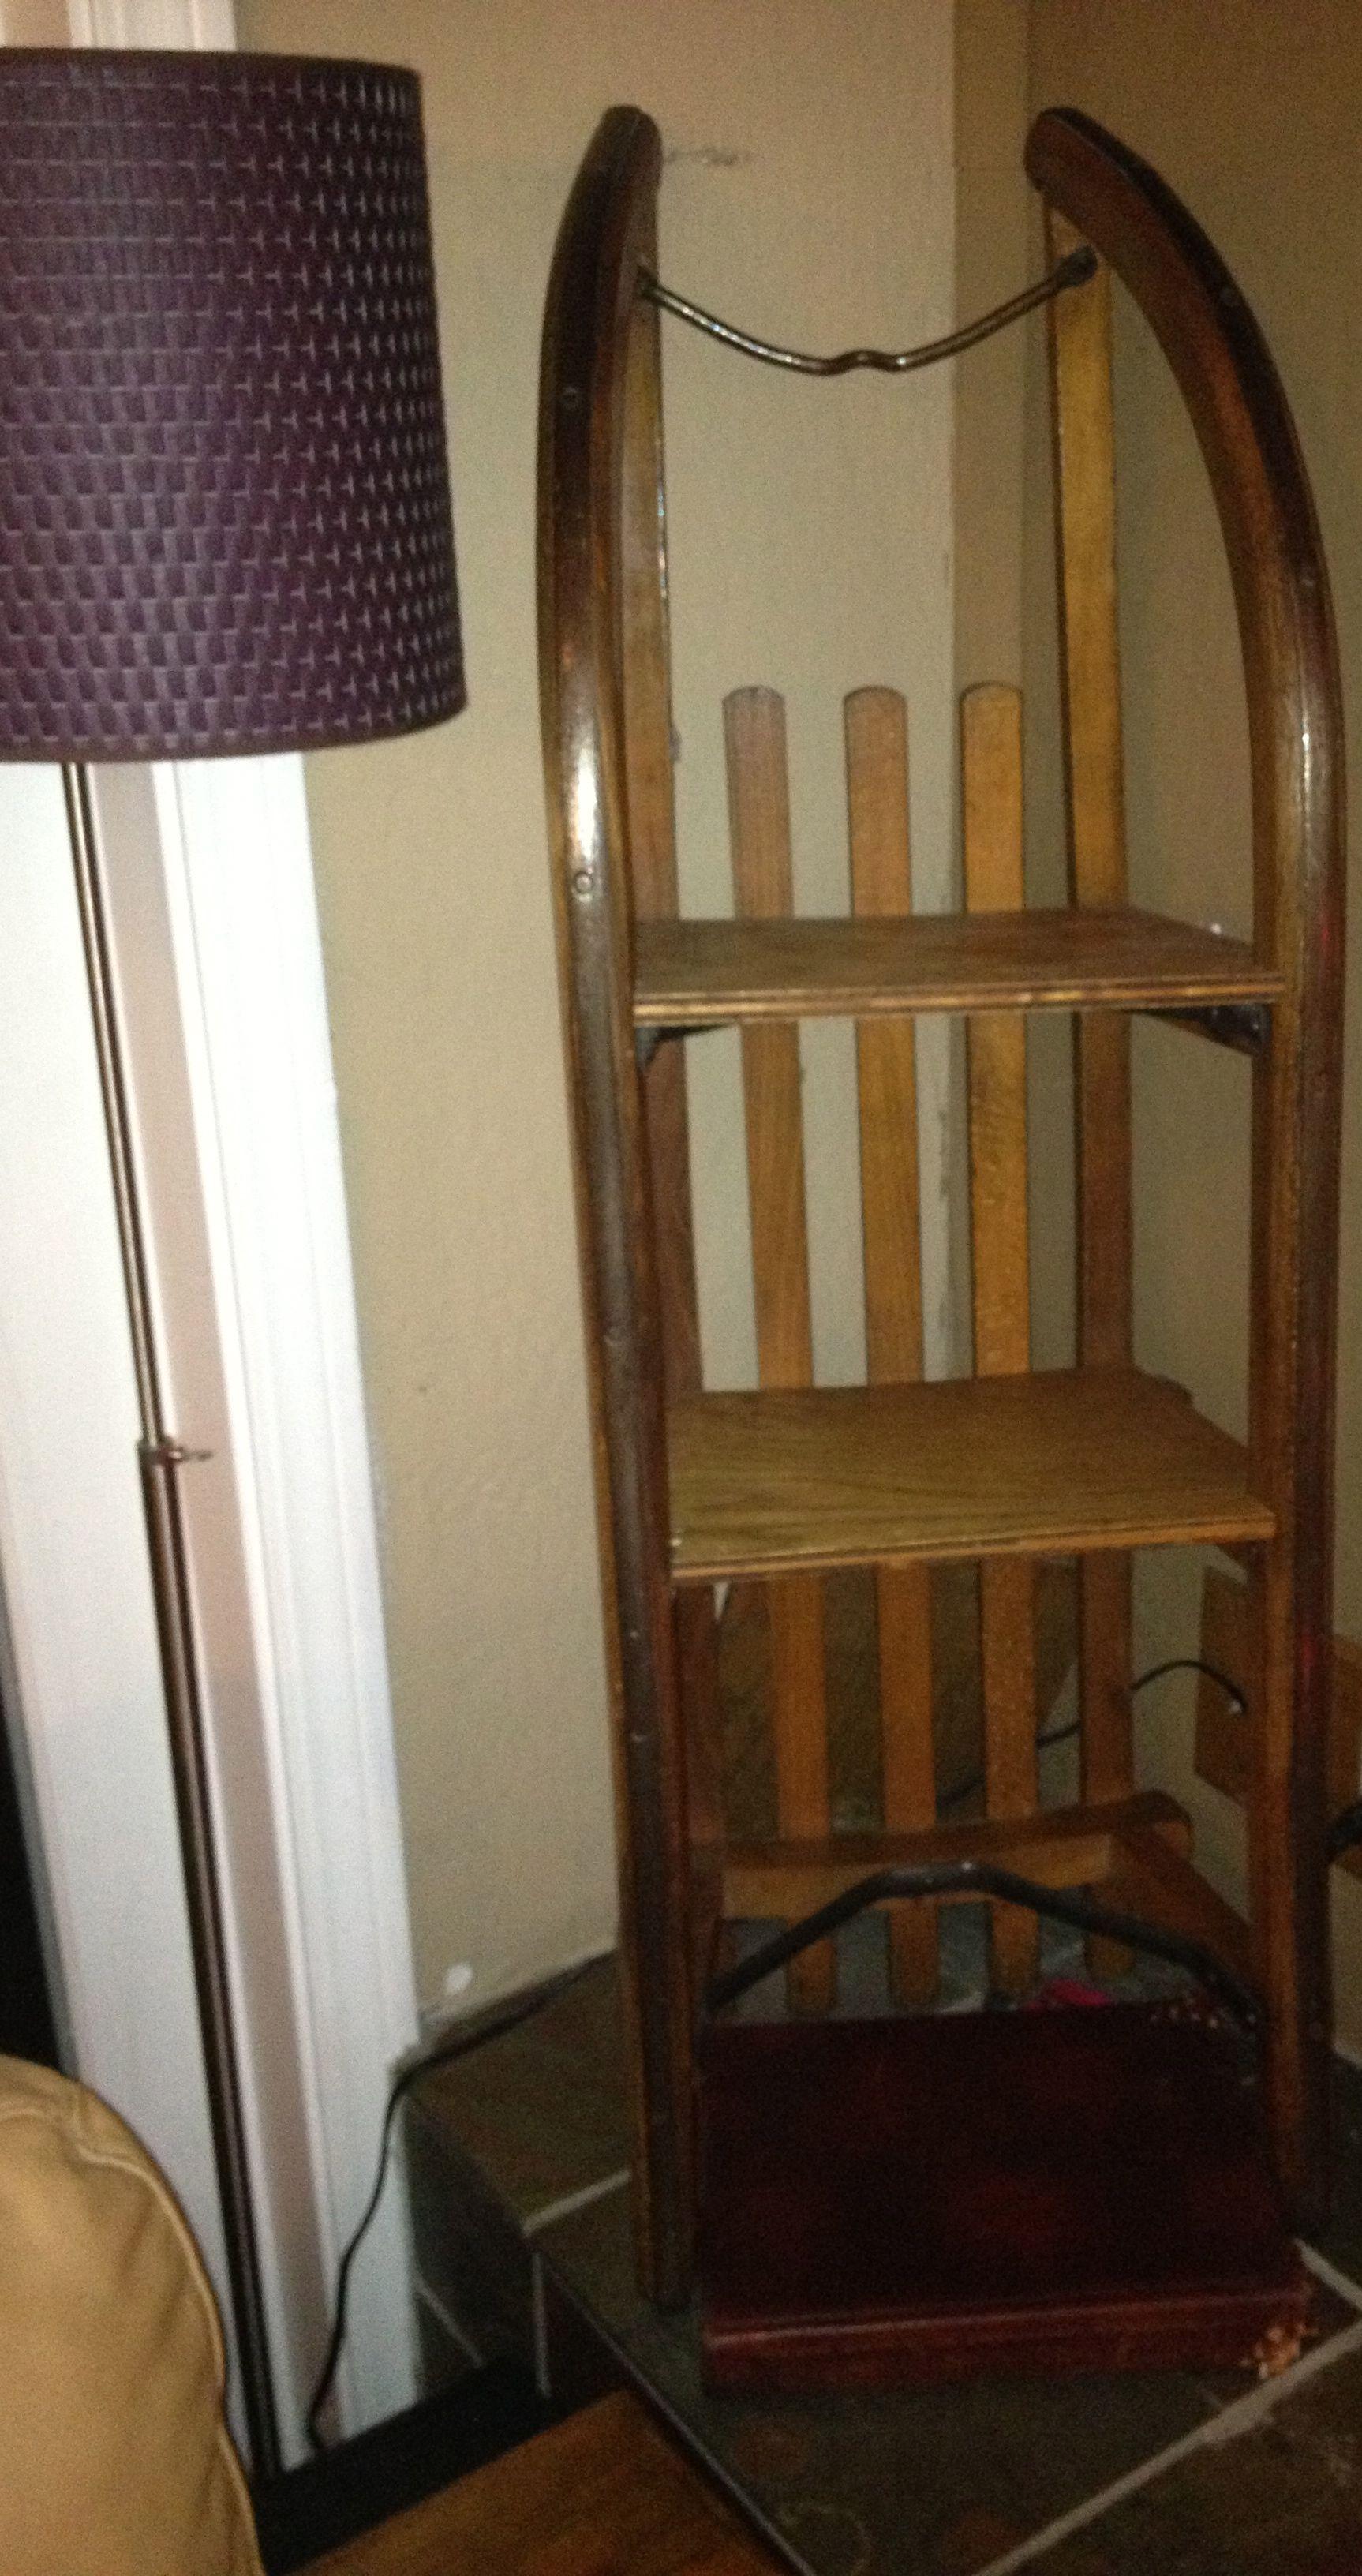 Antique Sled Shelf Unit